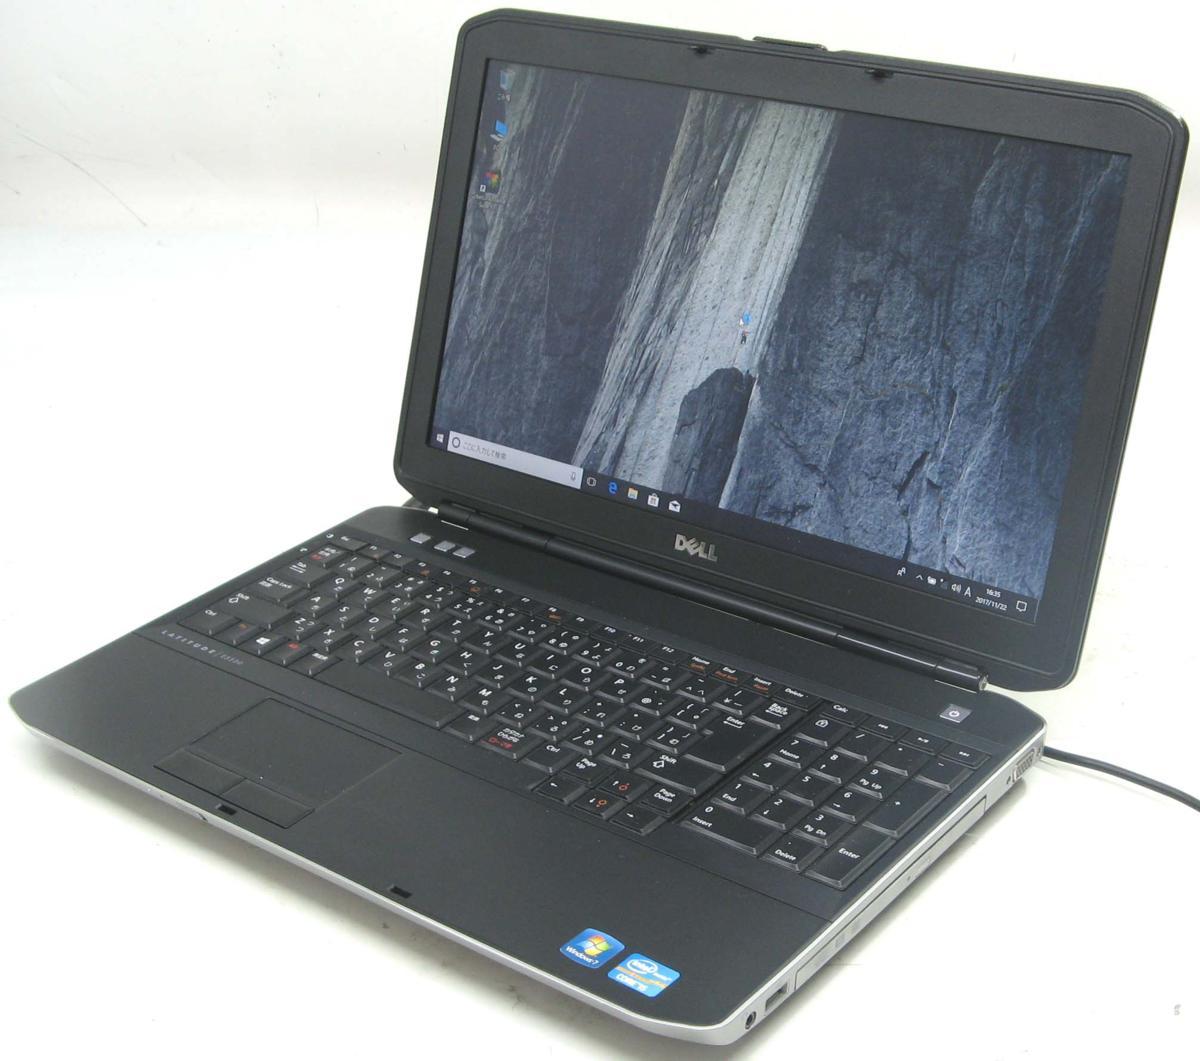 中古ノートパソコン DELL Latitude E5530-2700HD(デル Windows10 Corei5 DVDスーパーマルチドライブ HDMI出力端子)【中古】【中古パソコン/中古PC】